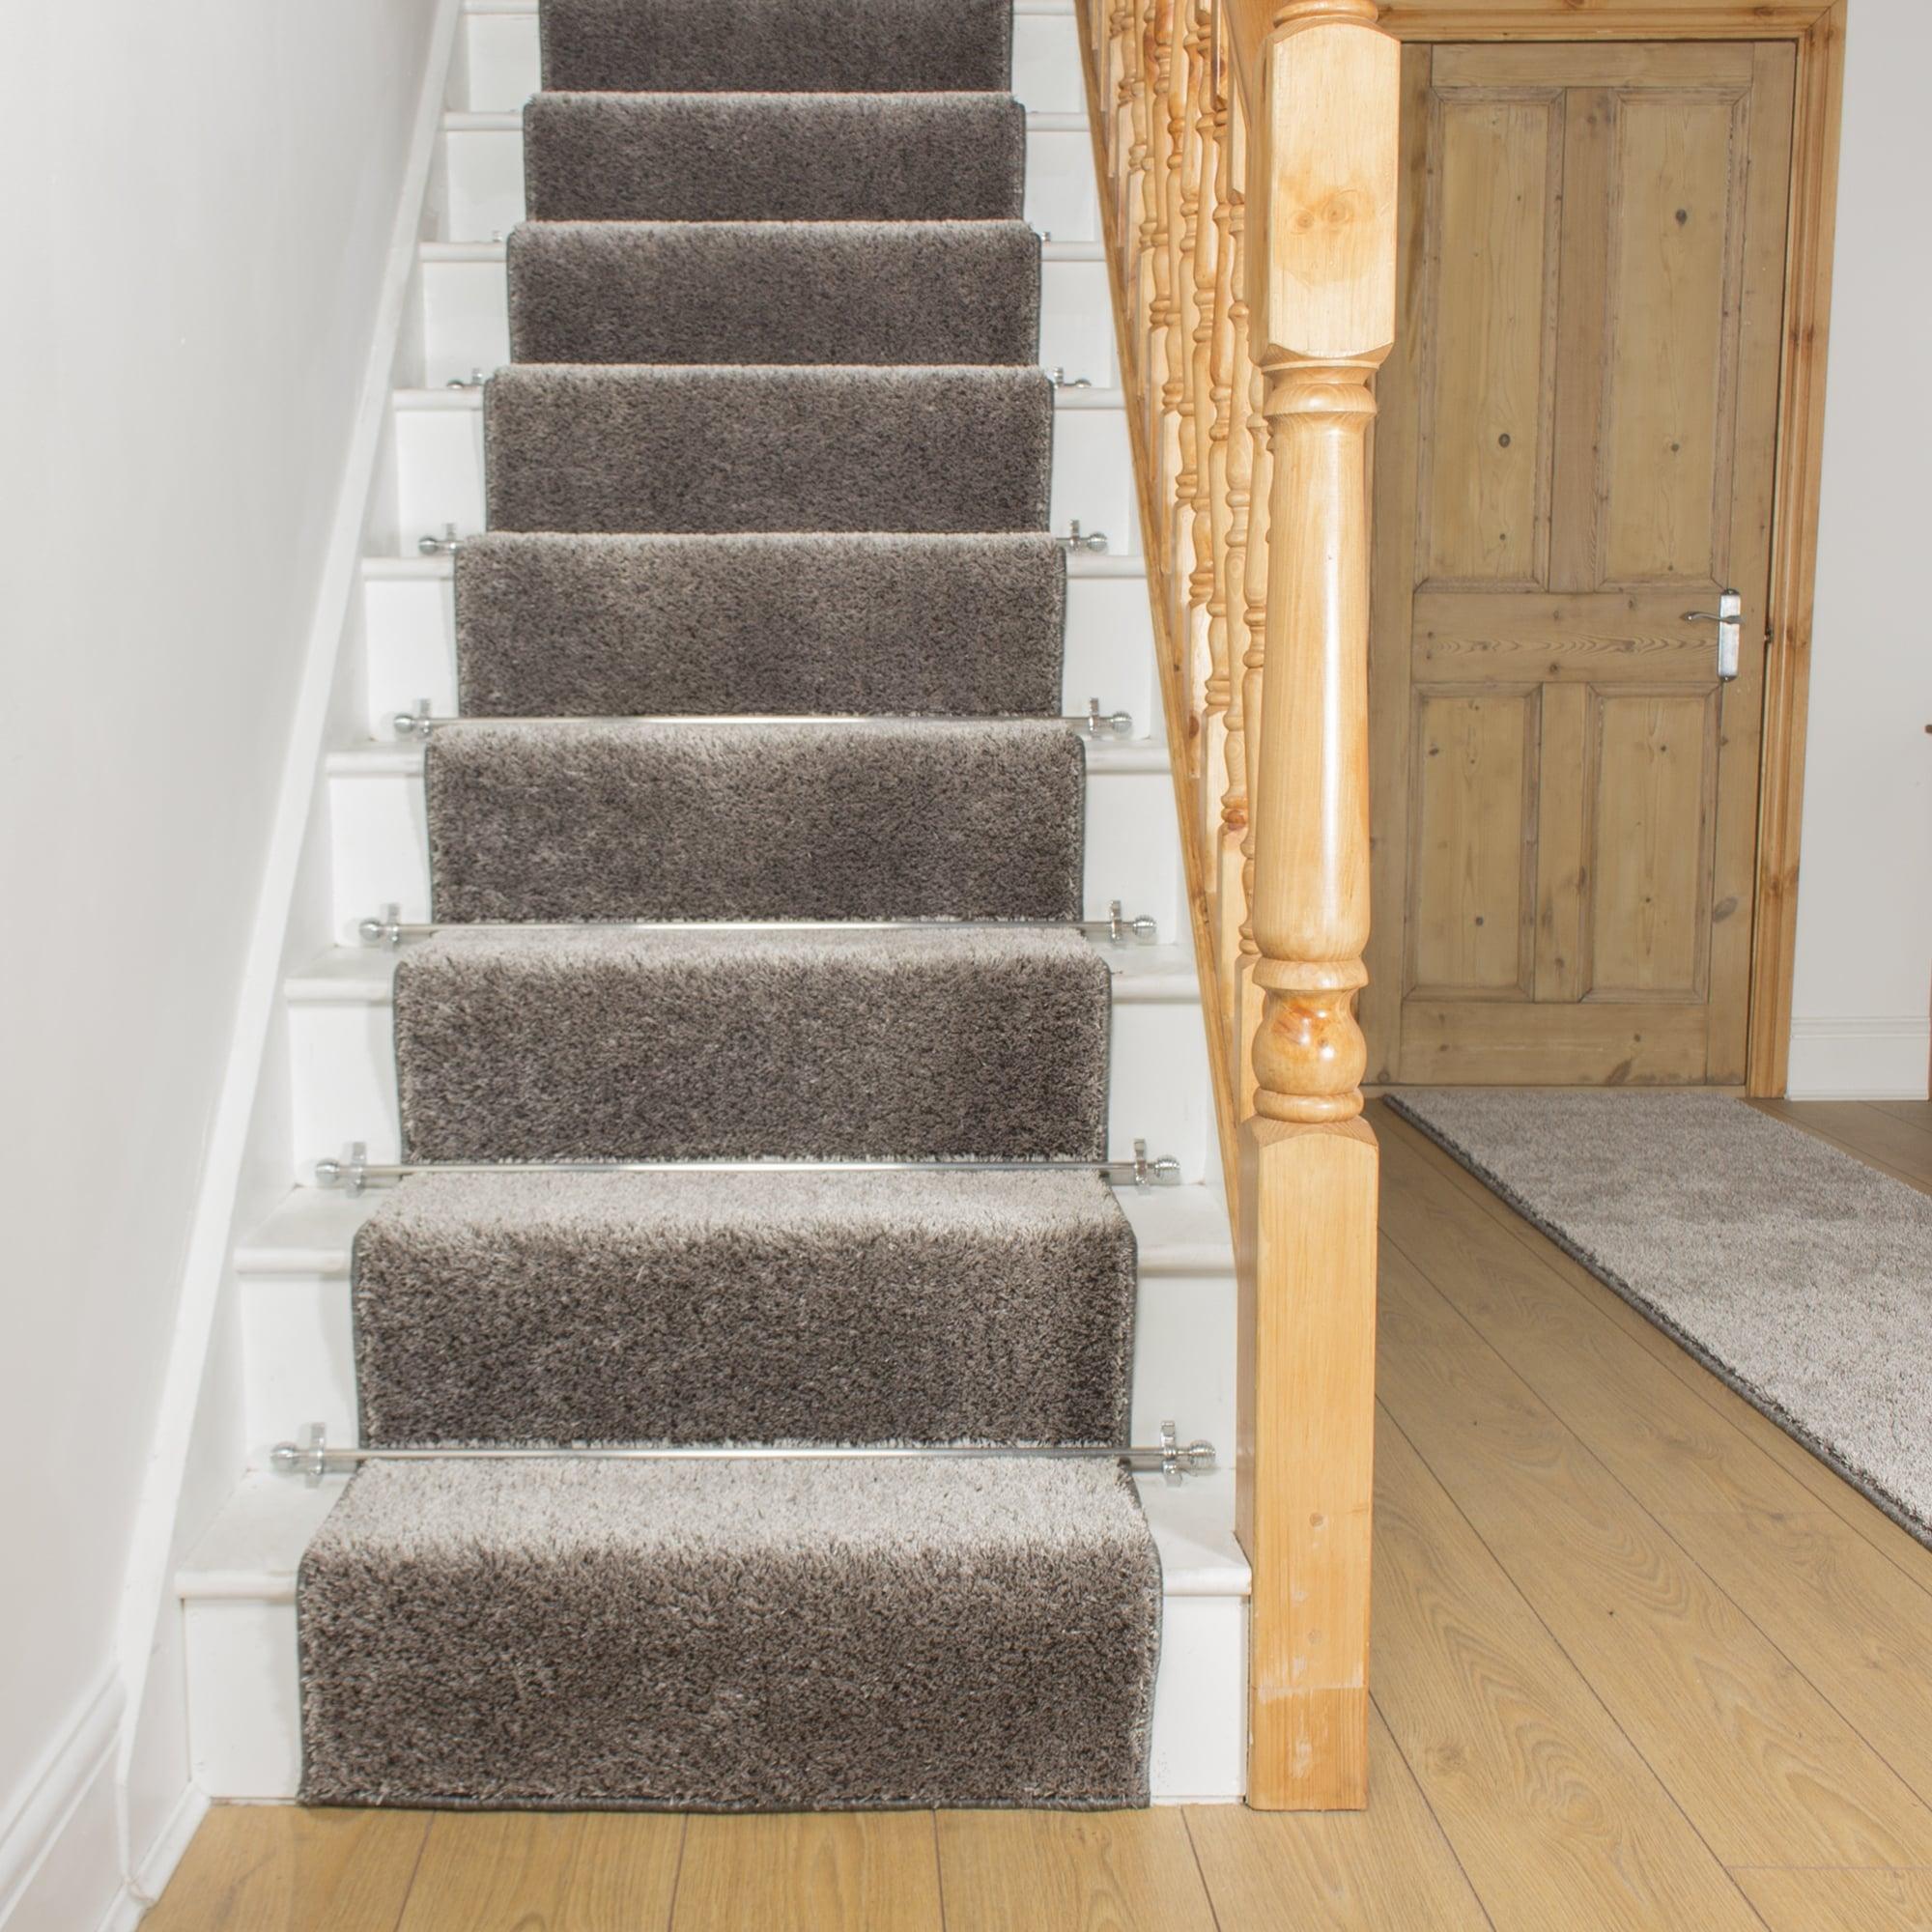 Carpet runner shaggy silver gray MYDYGGT